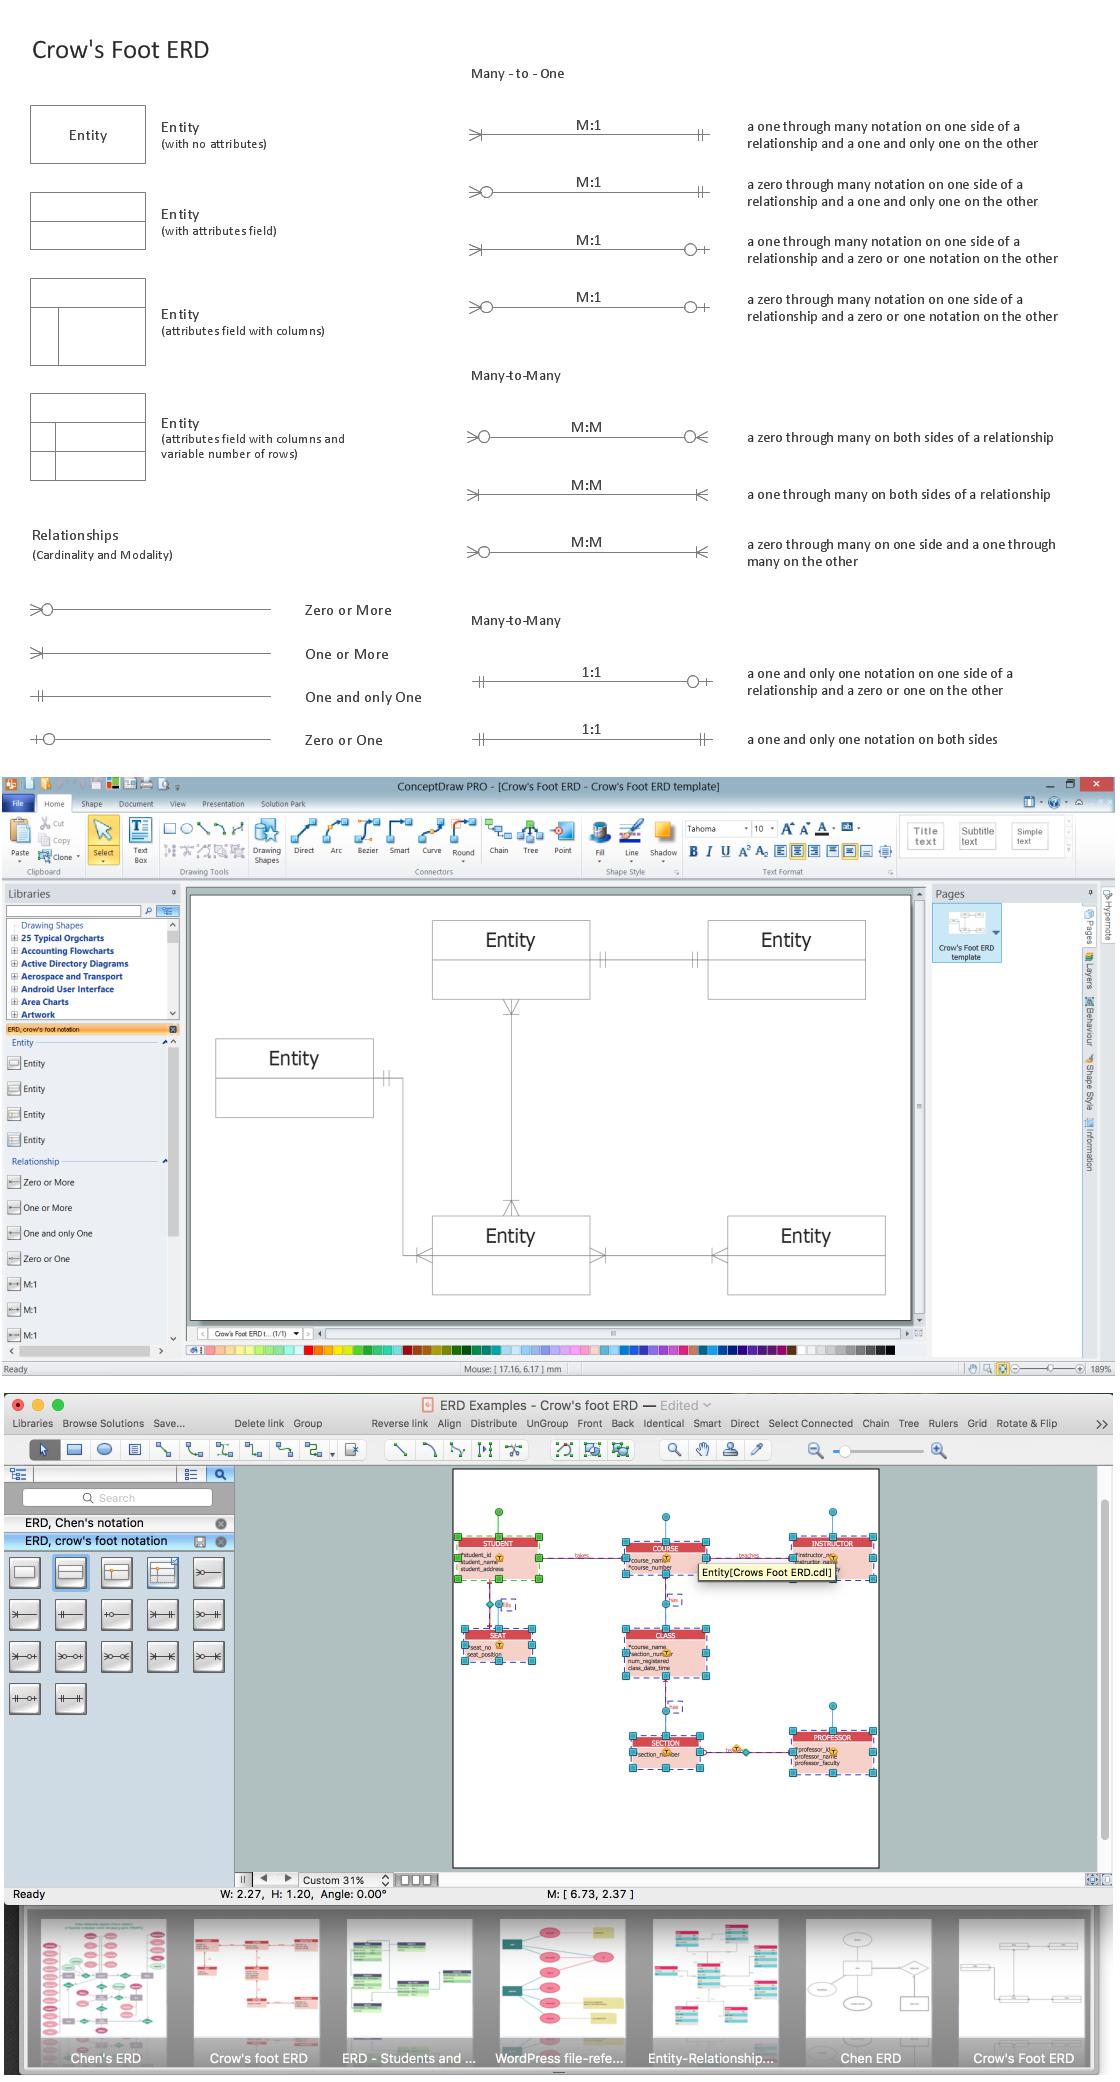 Entity Relationship Diagram - Erd - Software For Design for Er Diagram Crows Foot